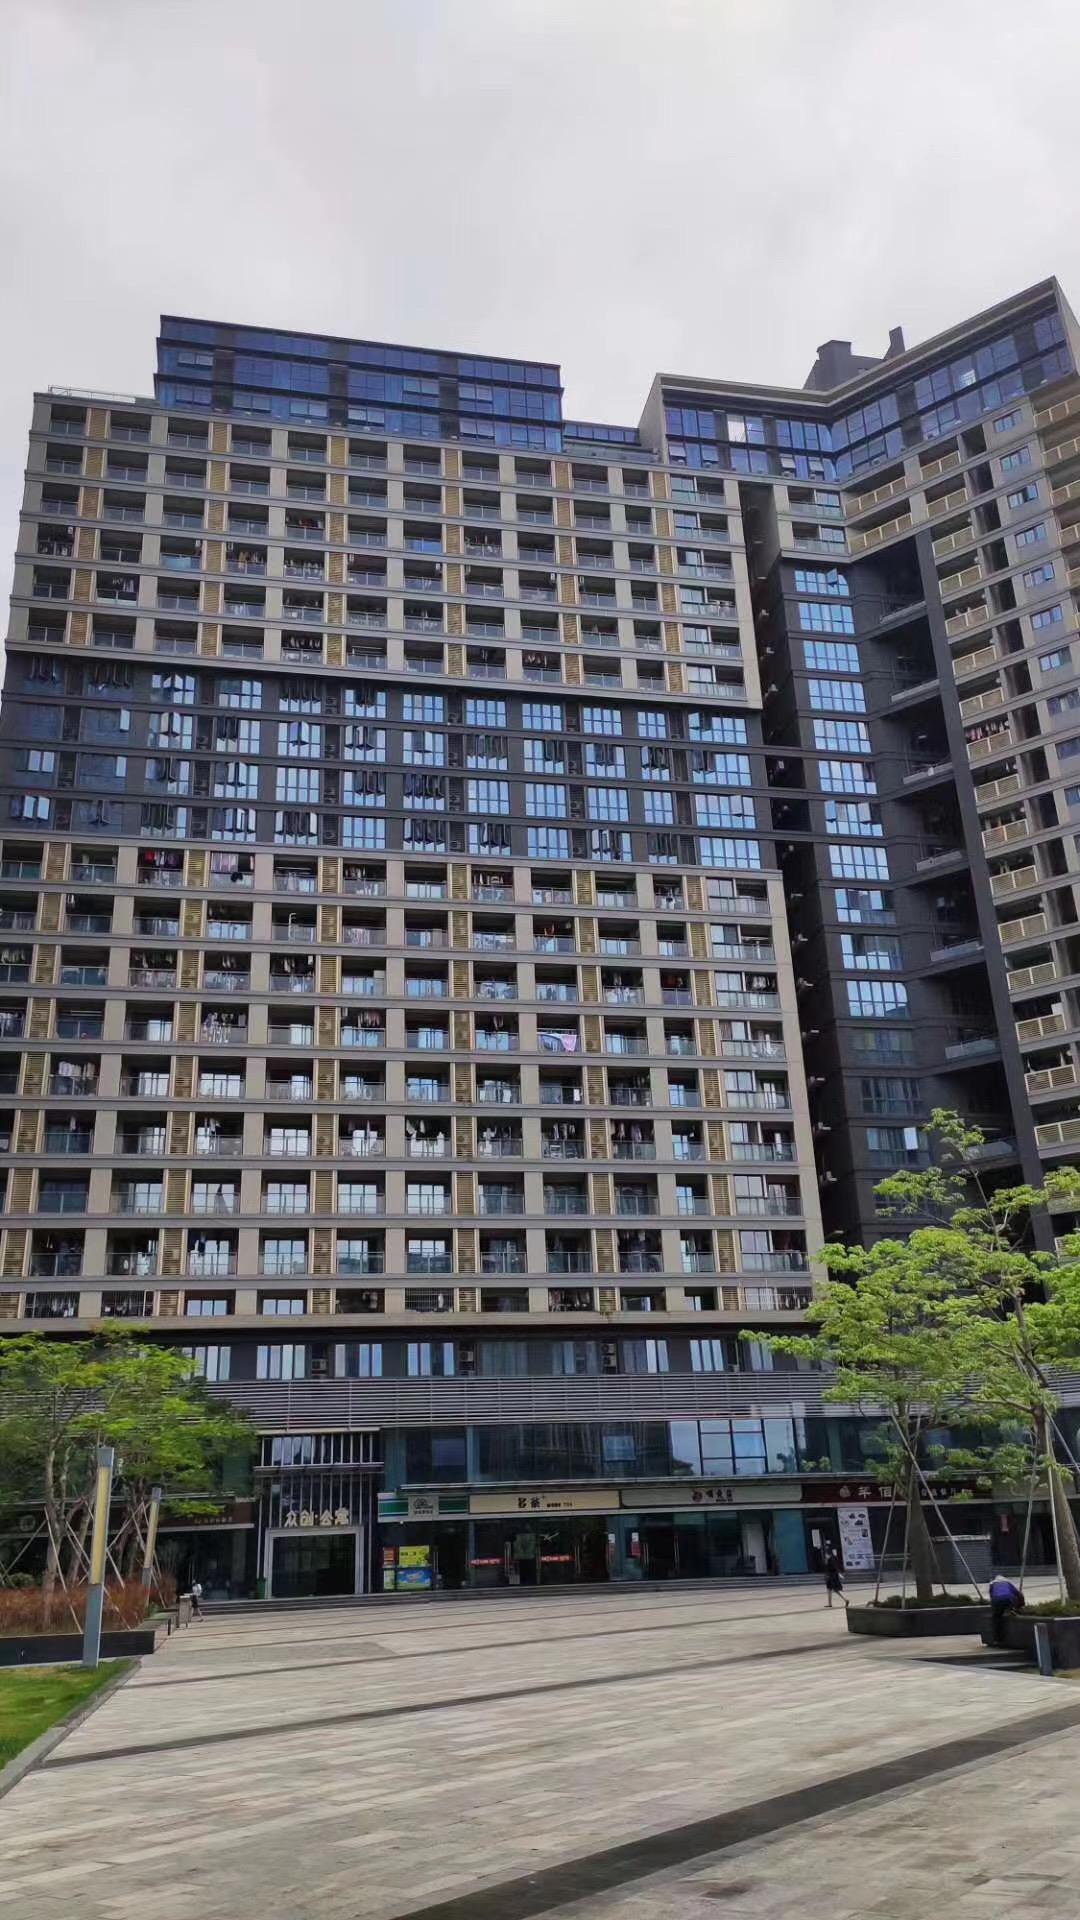 布吉【李朗花园】 地铁口100米 凉帽山站 户户大阳台 +精装交房